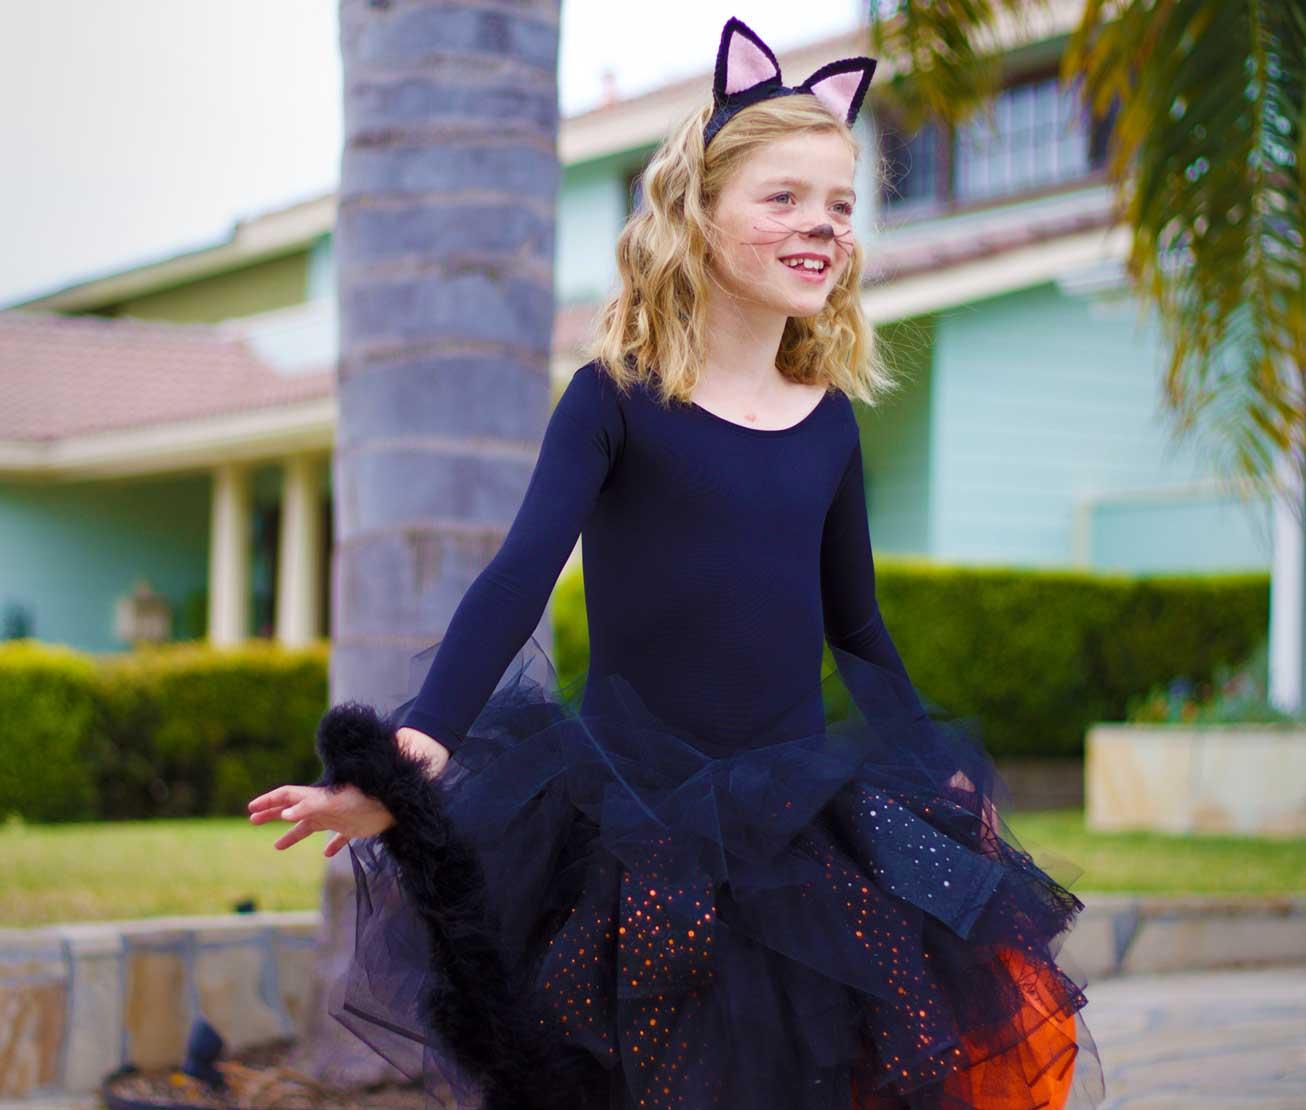 No solo diy 35 tutoriales de disfraces para ni os diy - Disfraces de gatos para ninos ...